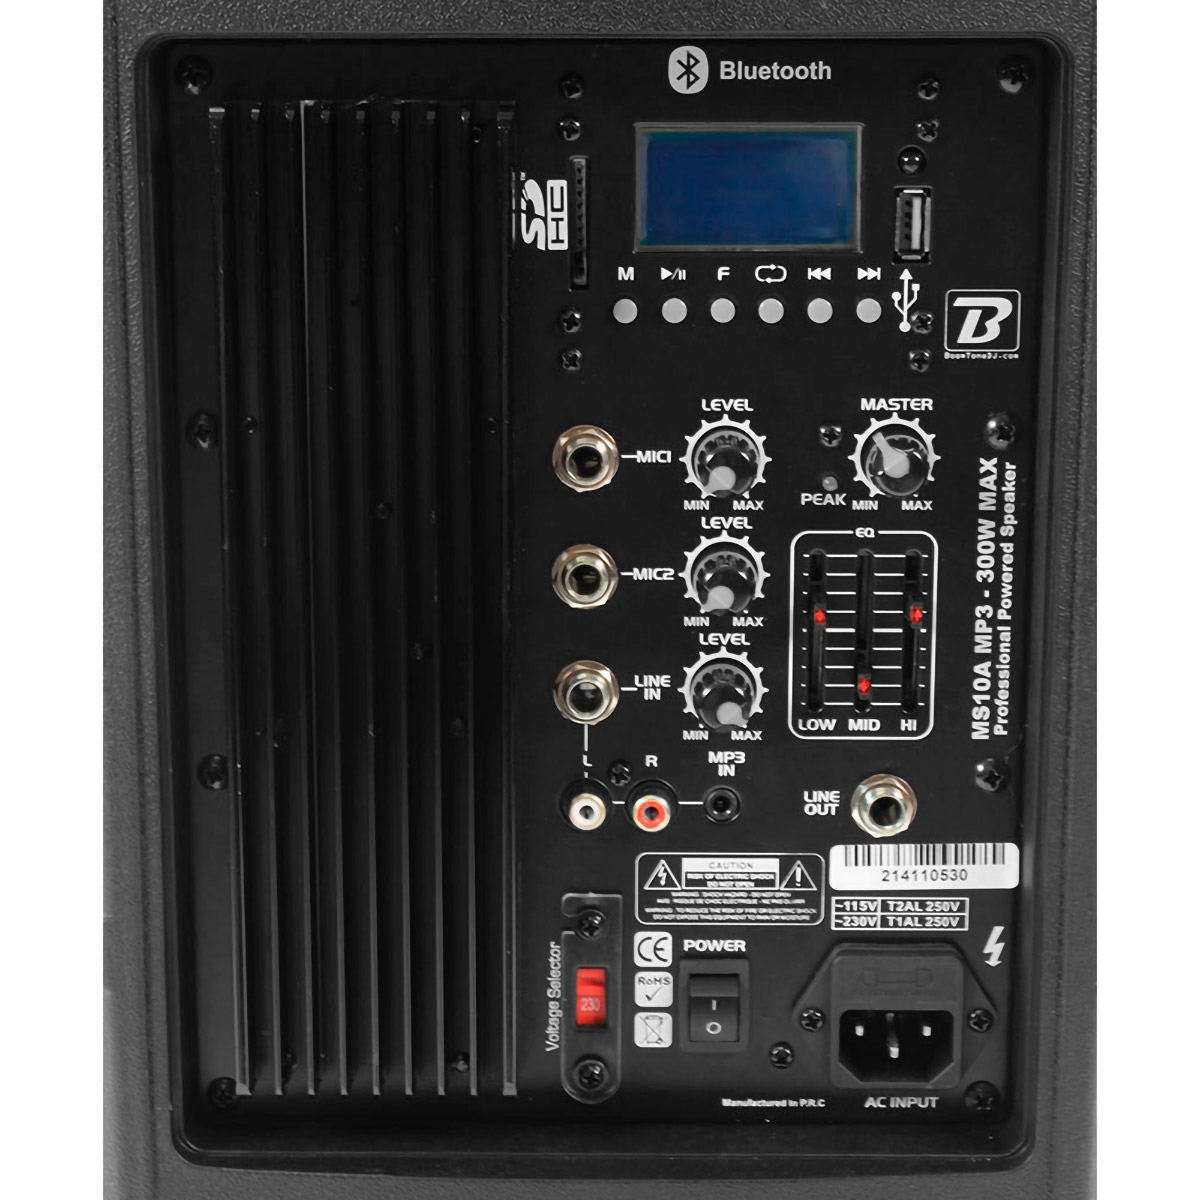 MS10A MP3